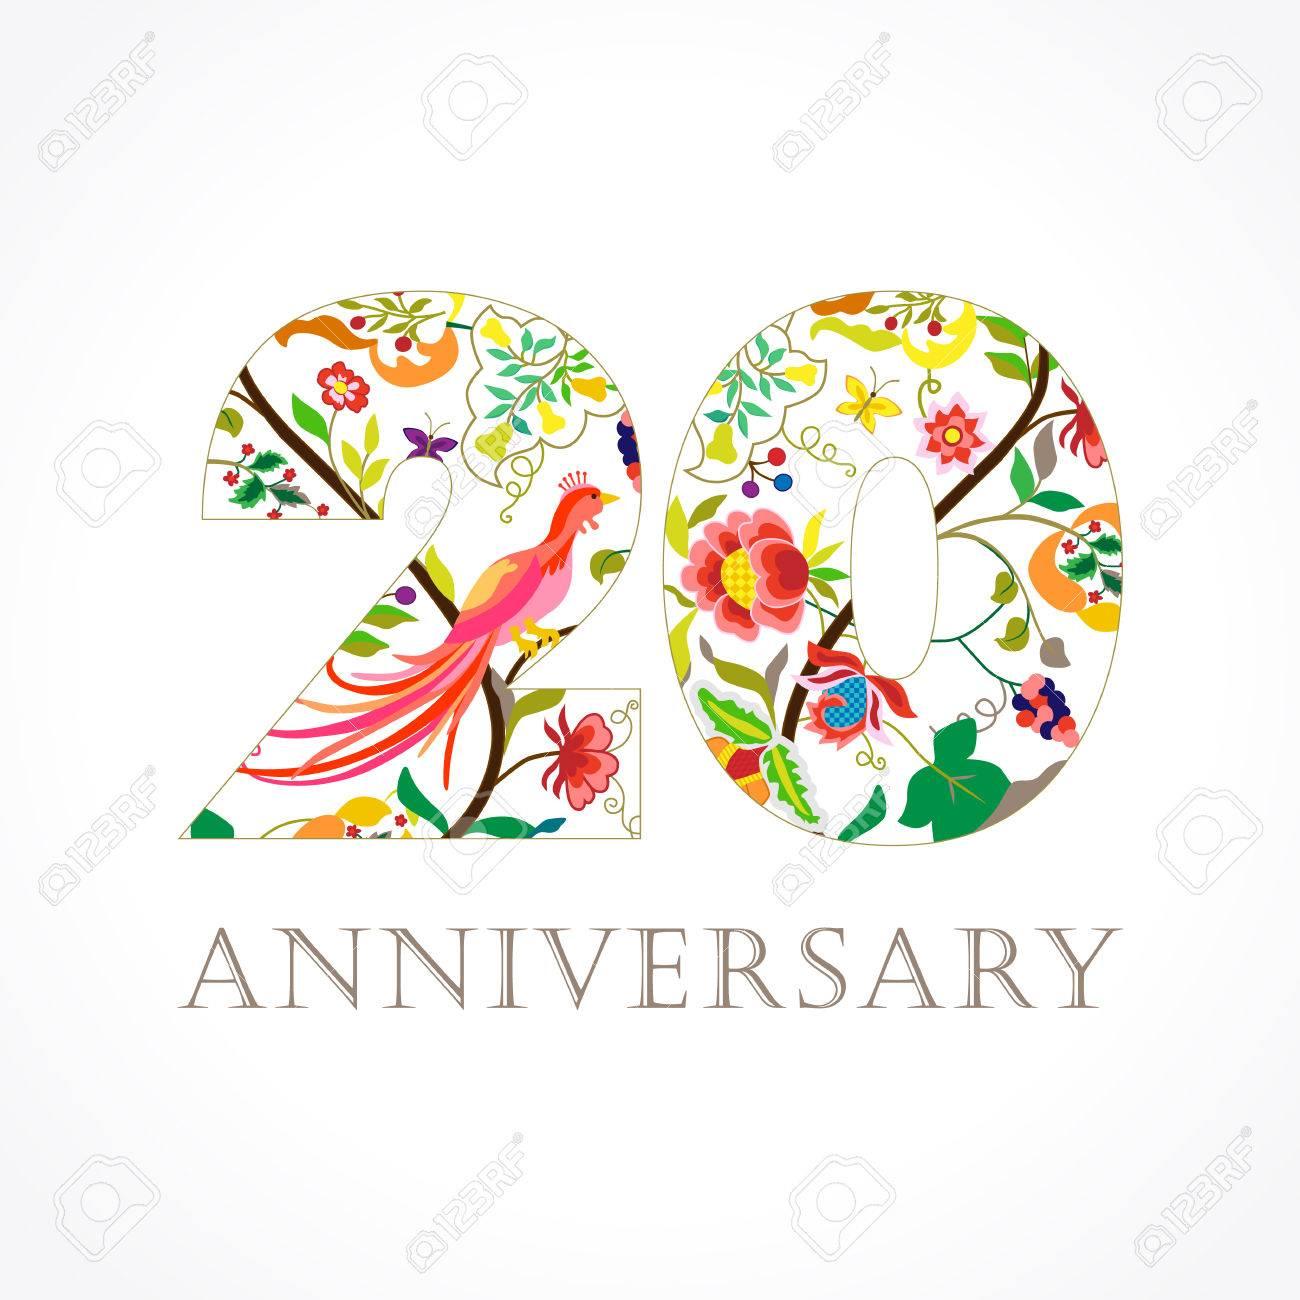 Logo De Fête De Célébrités De 20 Ans Modèle Coloré 20ème Joyeux Anniversaire Fleurs Ethniques Plantes Oiseaux Paradisiaques Ensemble De